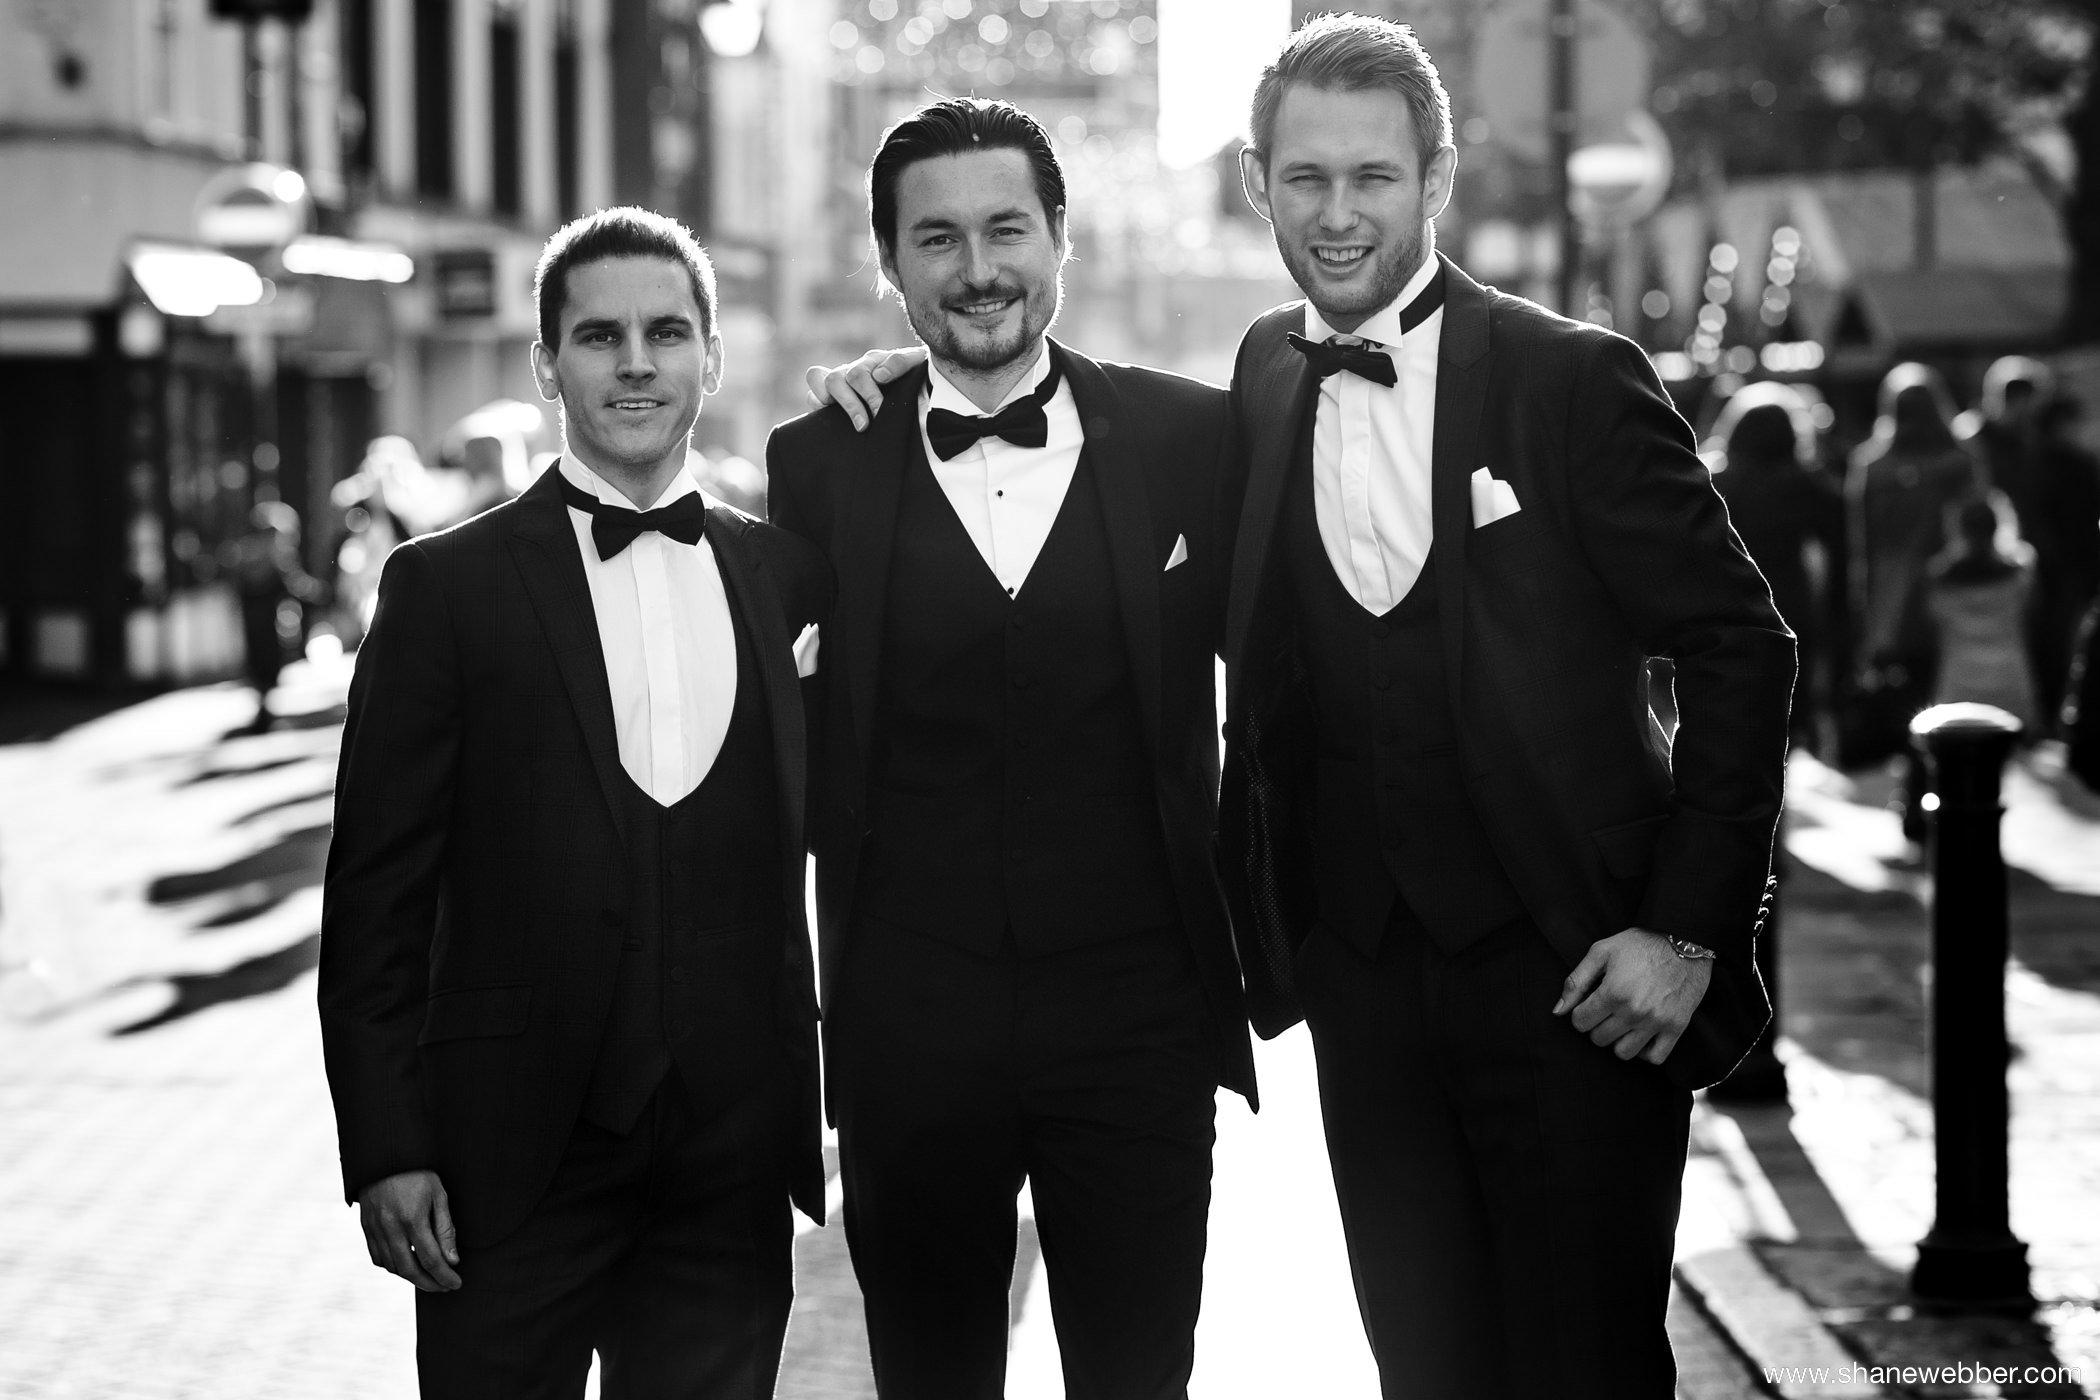 Groomsmen in black tie suits at wedding